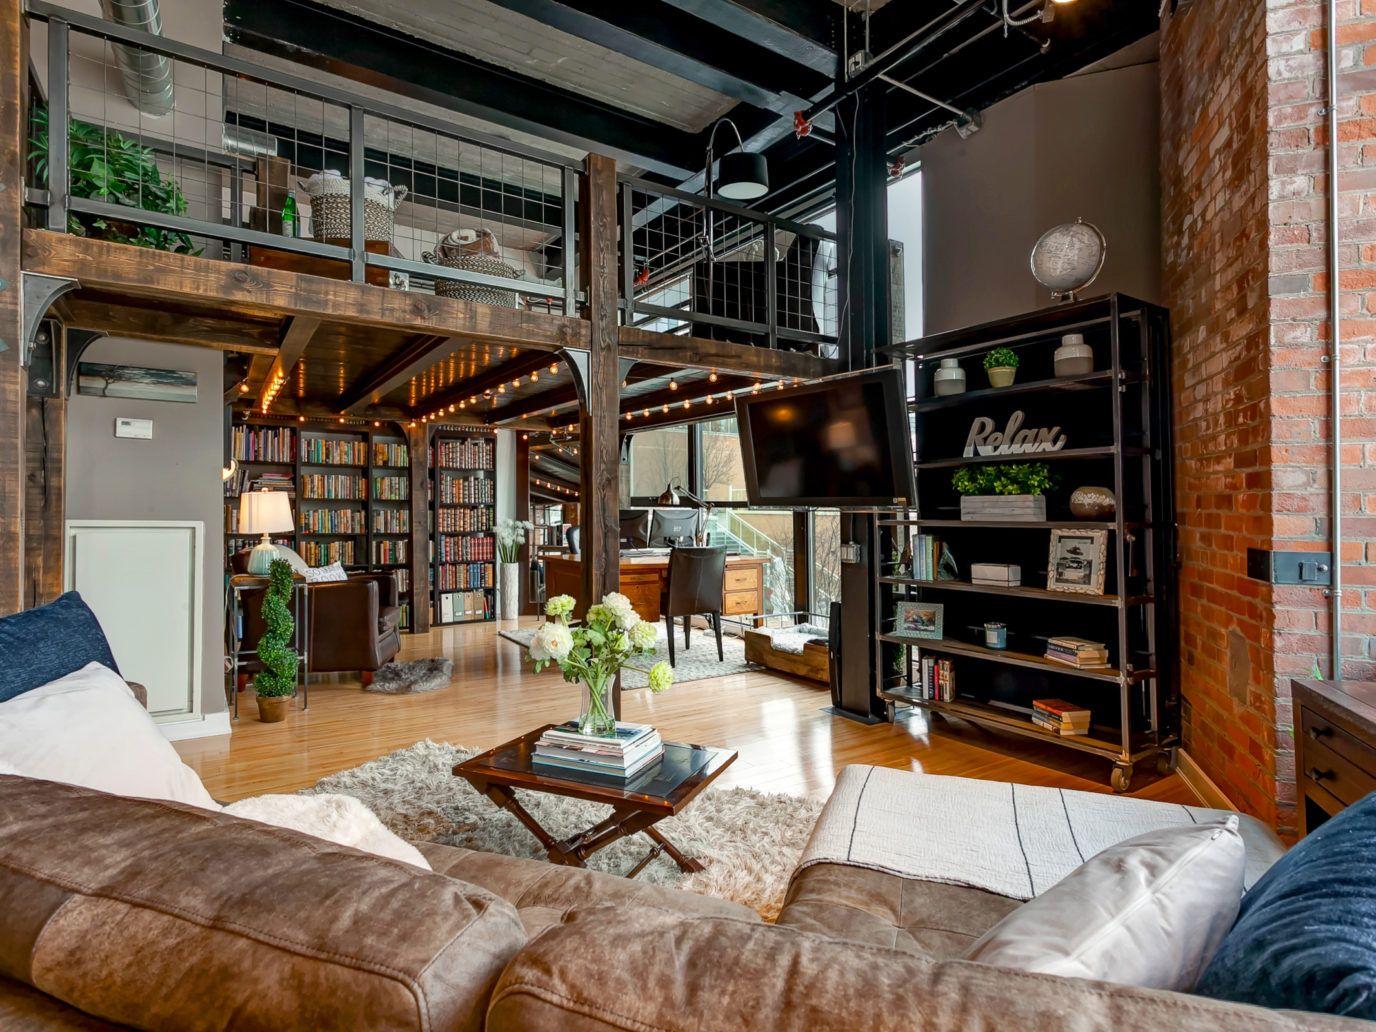 Spacious Loft Decorating Ideas Interior Design Explained